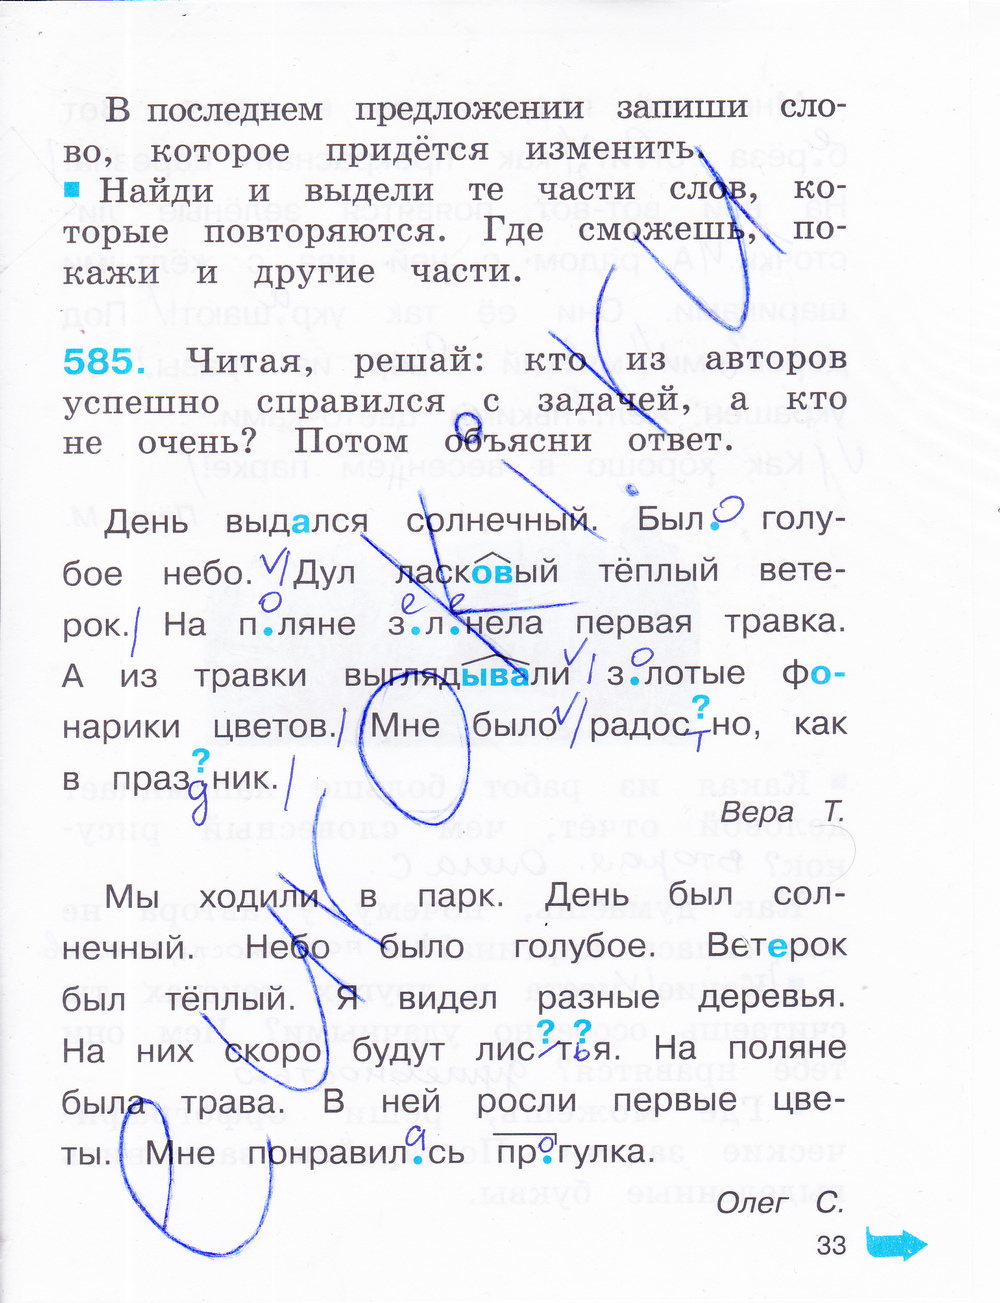 Гдз по русскому 3 класс 2018 соловейчик кузменко